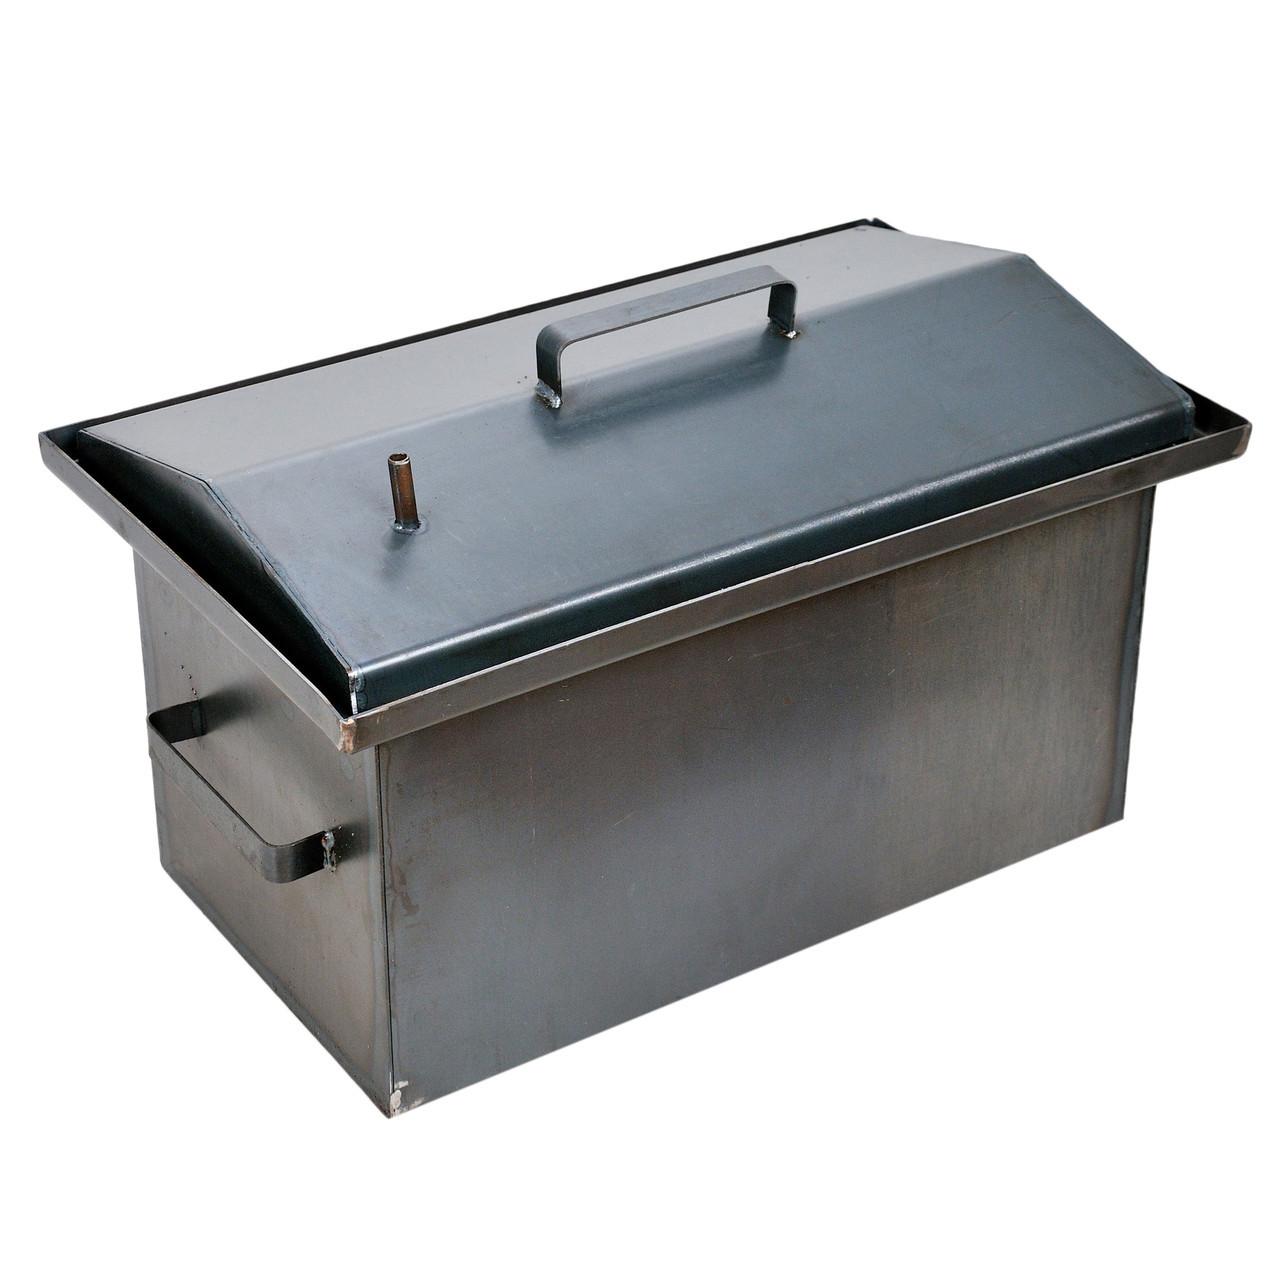 Коптильня горячего копчения 2 мм 520х310х280 мм (РК-242548)